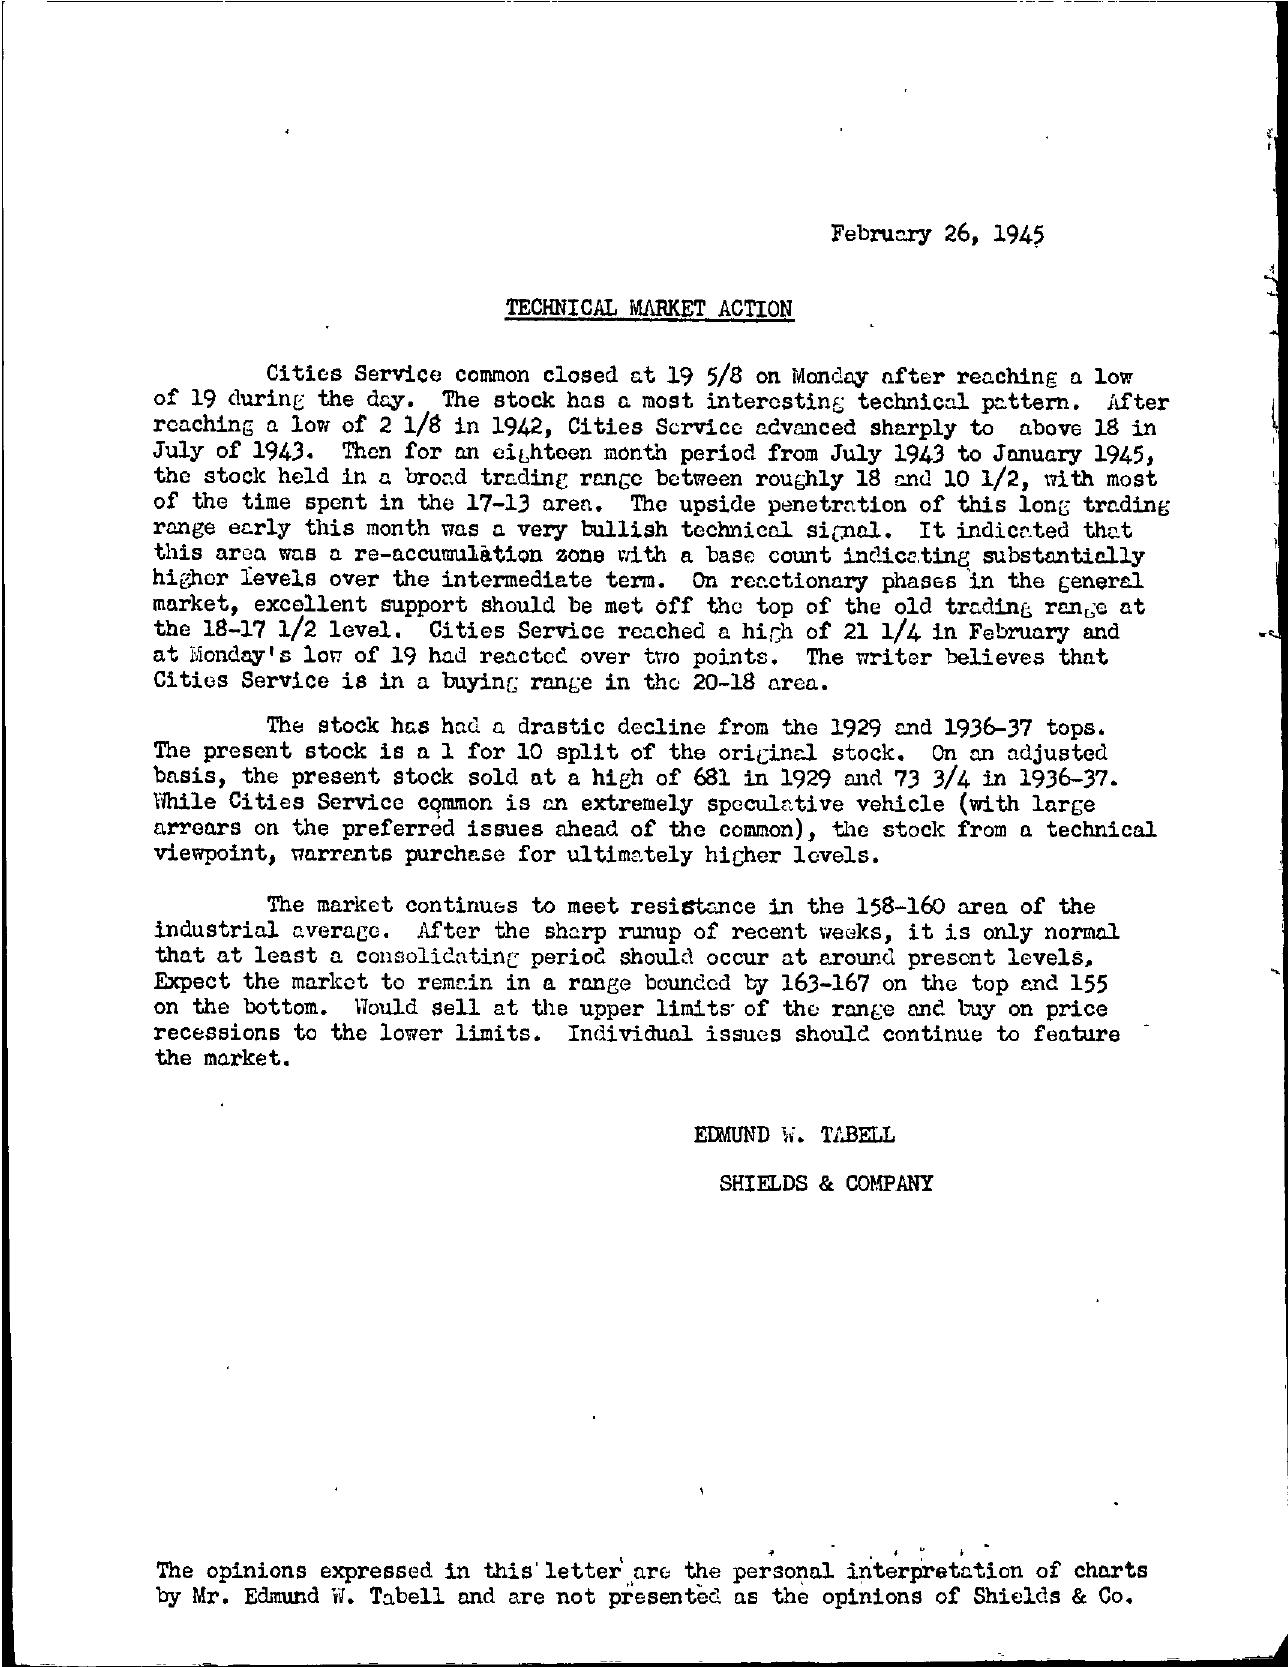 Tabell's Market Letter - February 26, 1945